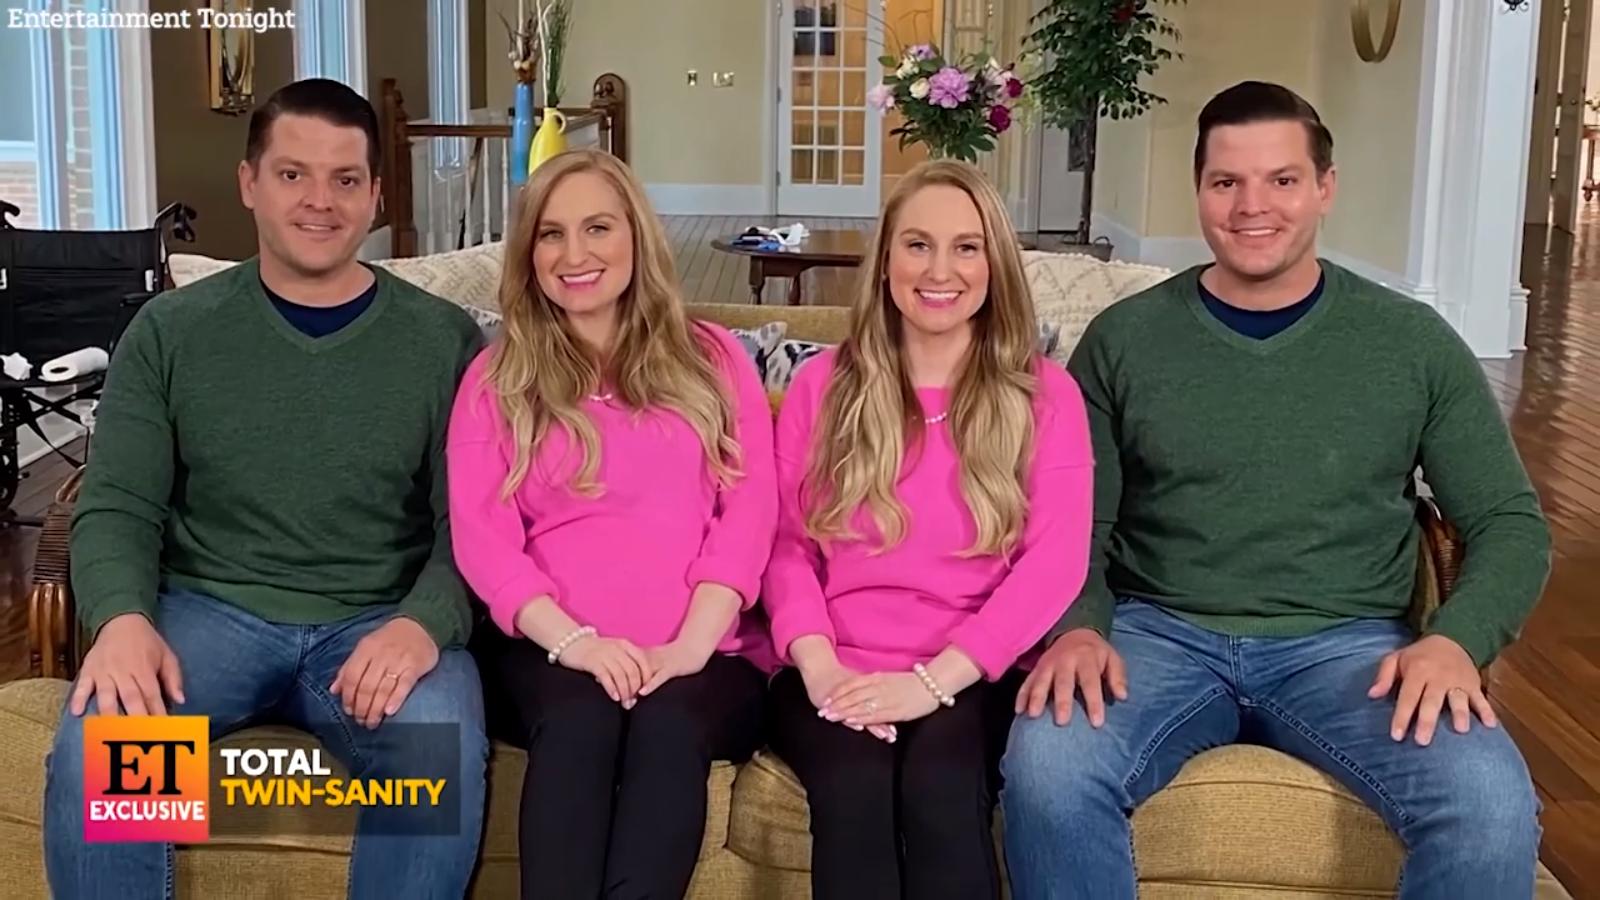 Sesės dvynės ištekėjo už dvynių brolių: poros gyvena kartu ir turi vienodo amžiaus kūdikius